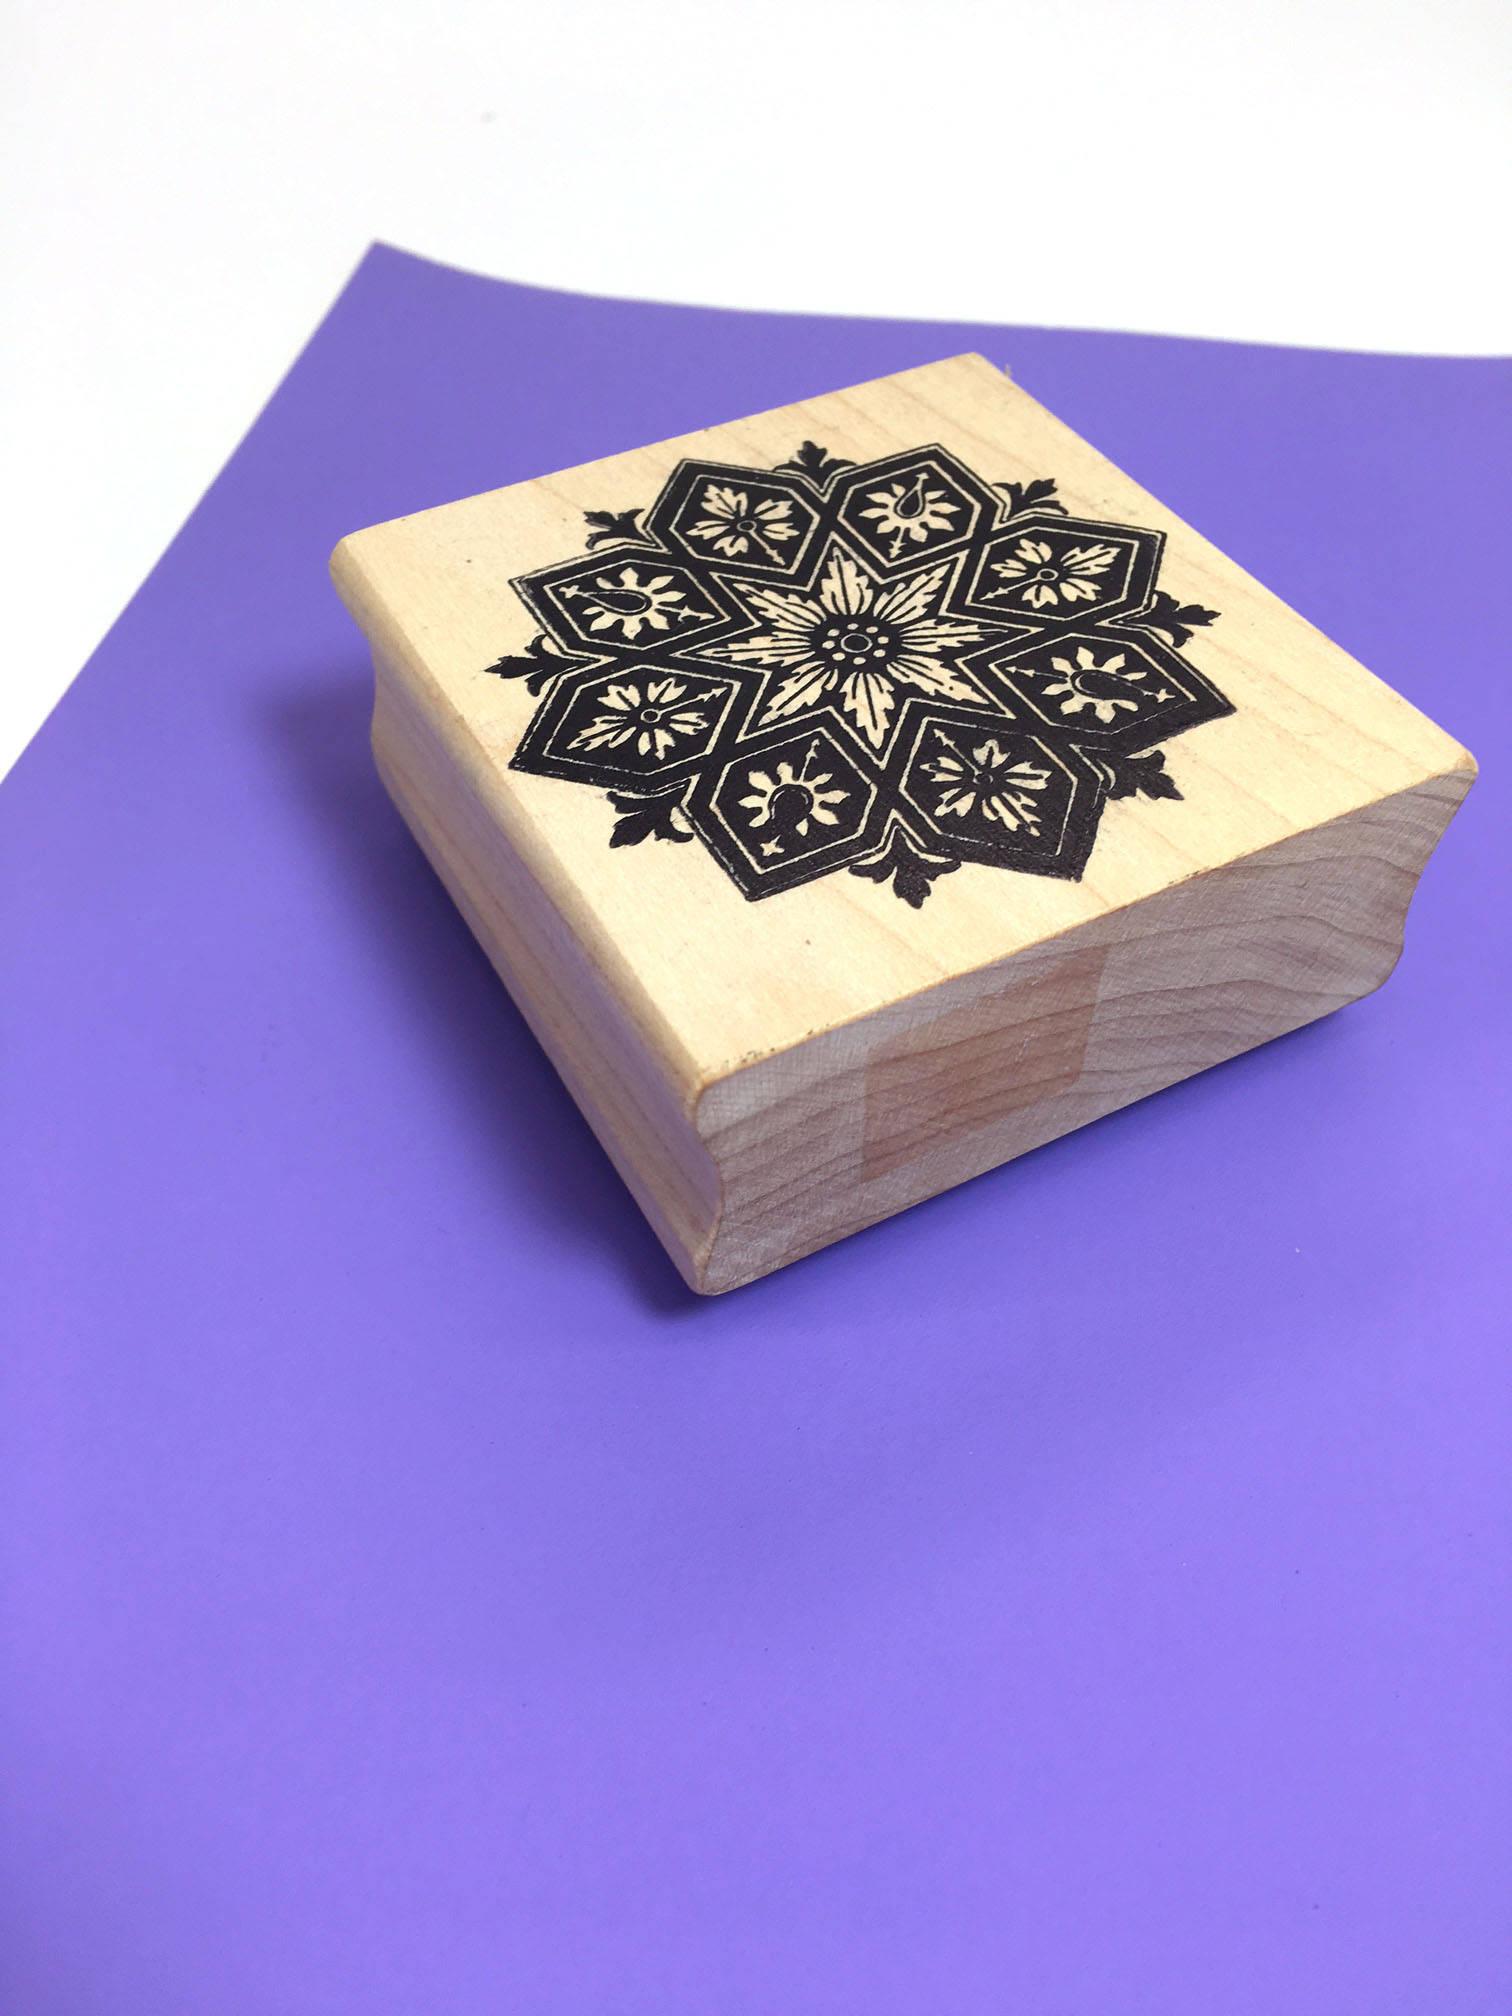 Rubber stamp craft supplies -  8 00